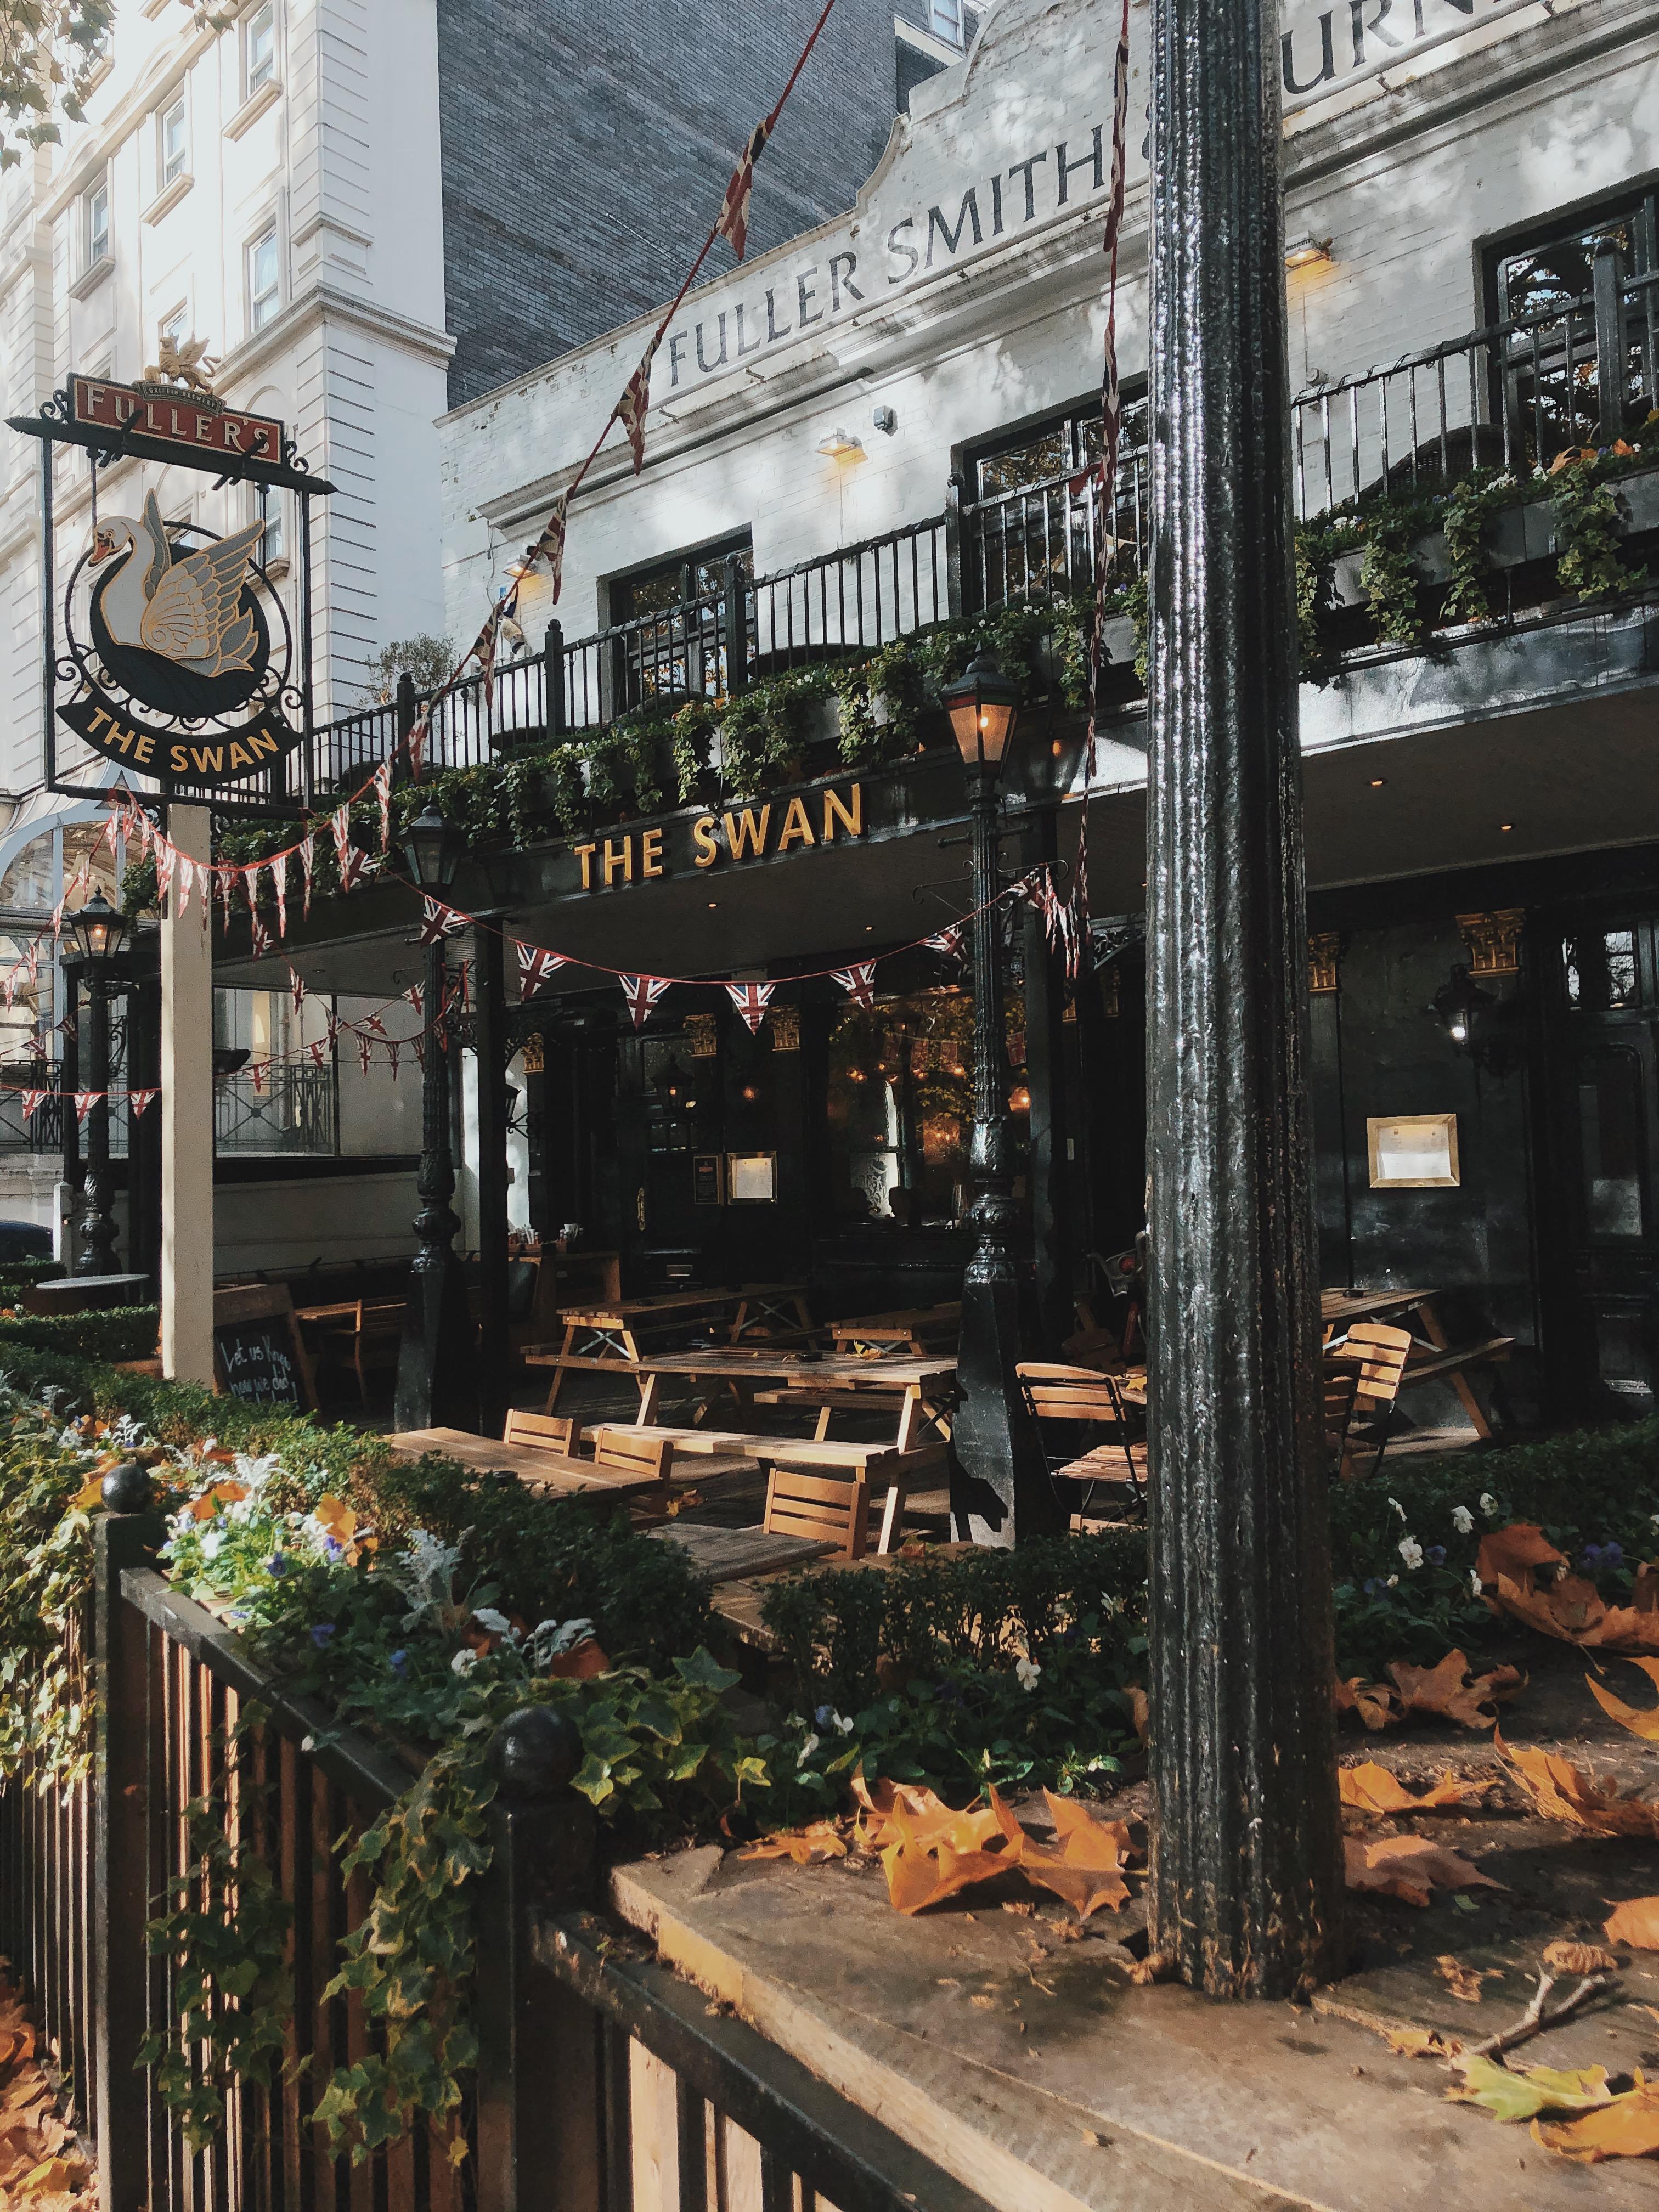 el-blog-de-silvia-pub-the-swan-londres